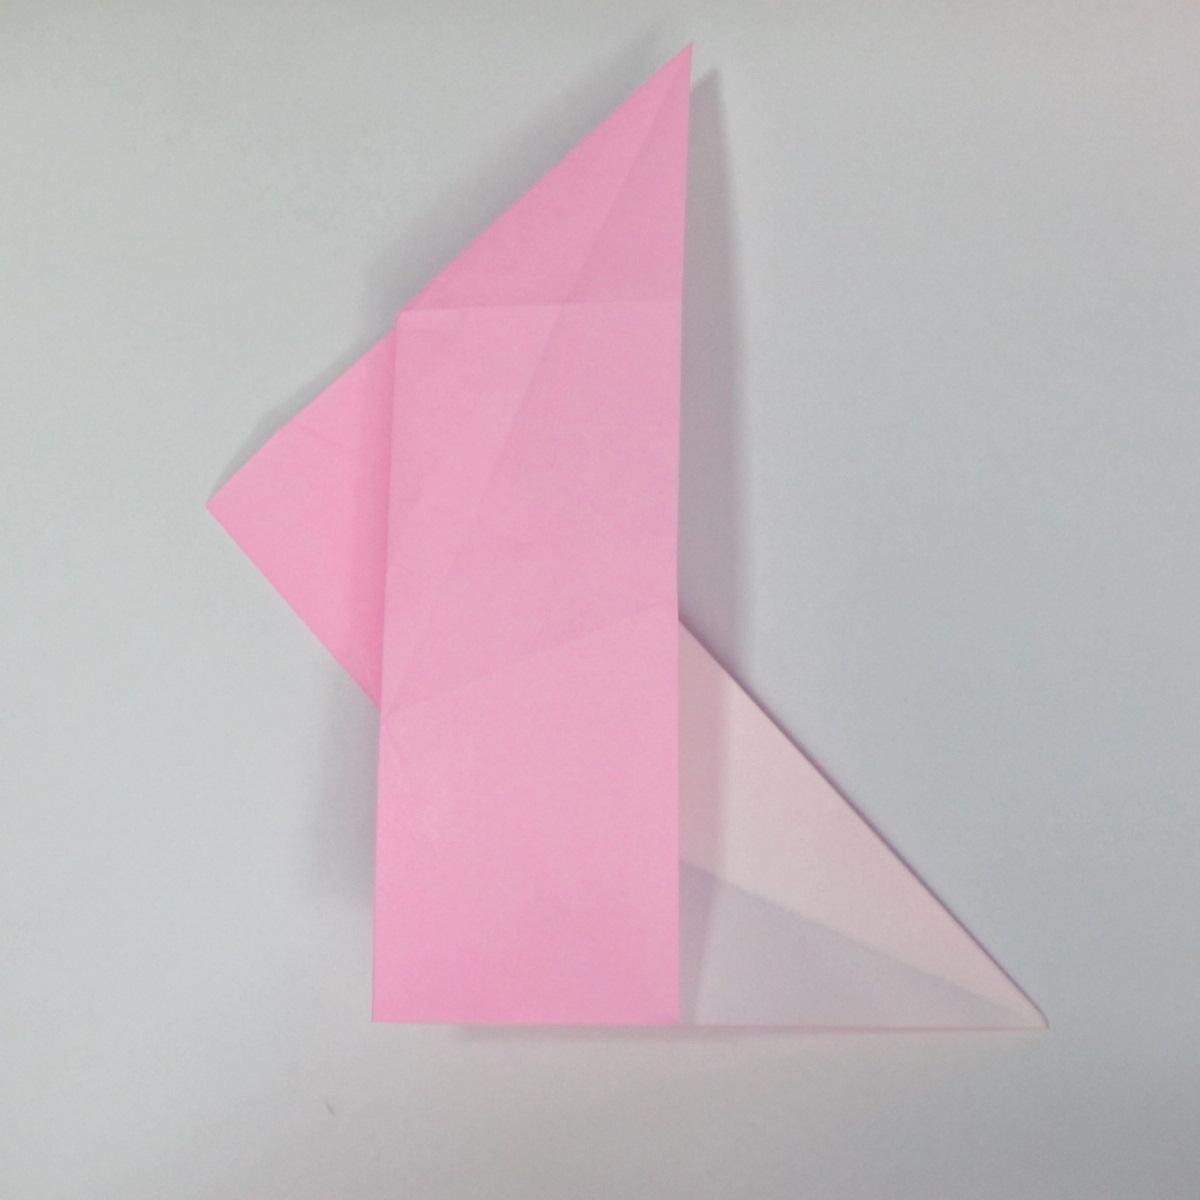 สอนการพับกระดาษเป็นลูกสุนัขชเนาเซอร์ (Origami Schnauzer Puppy) 023